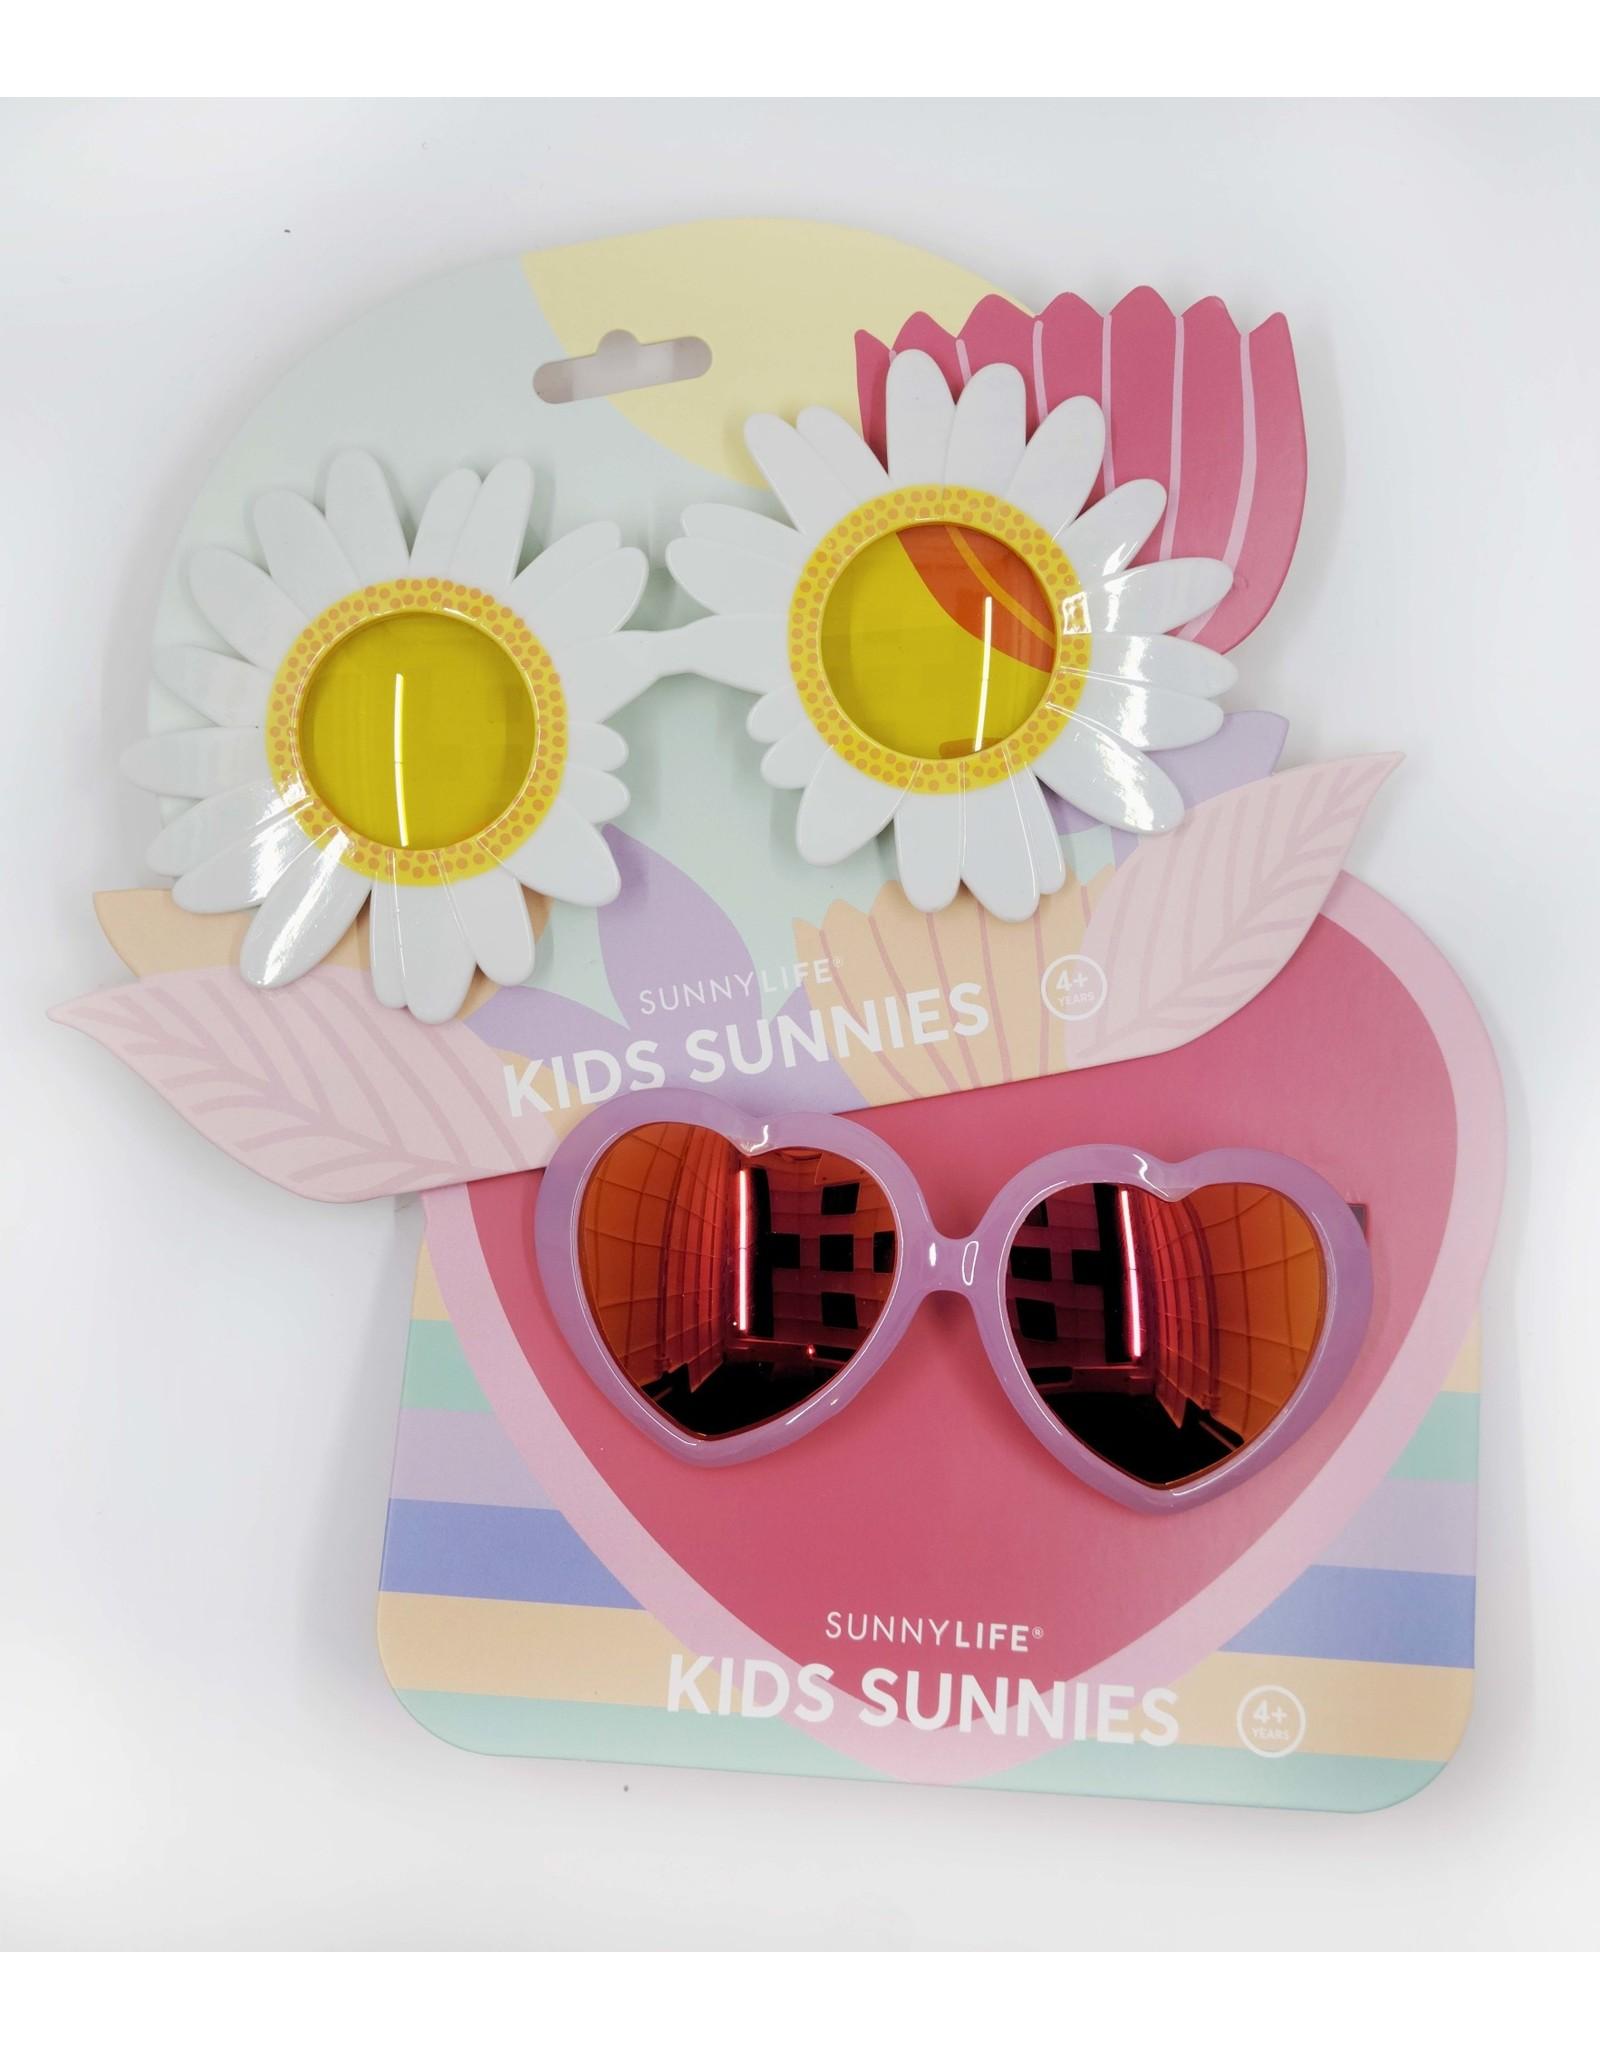 Kids Sunnies